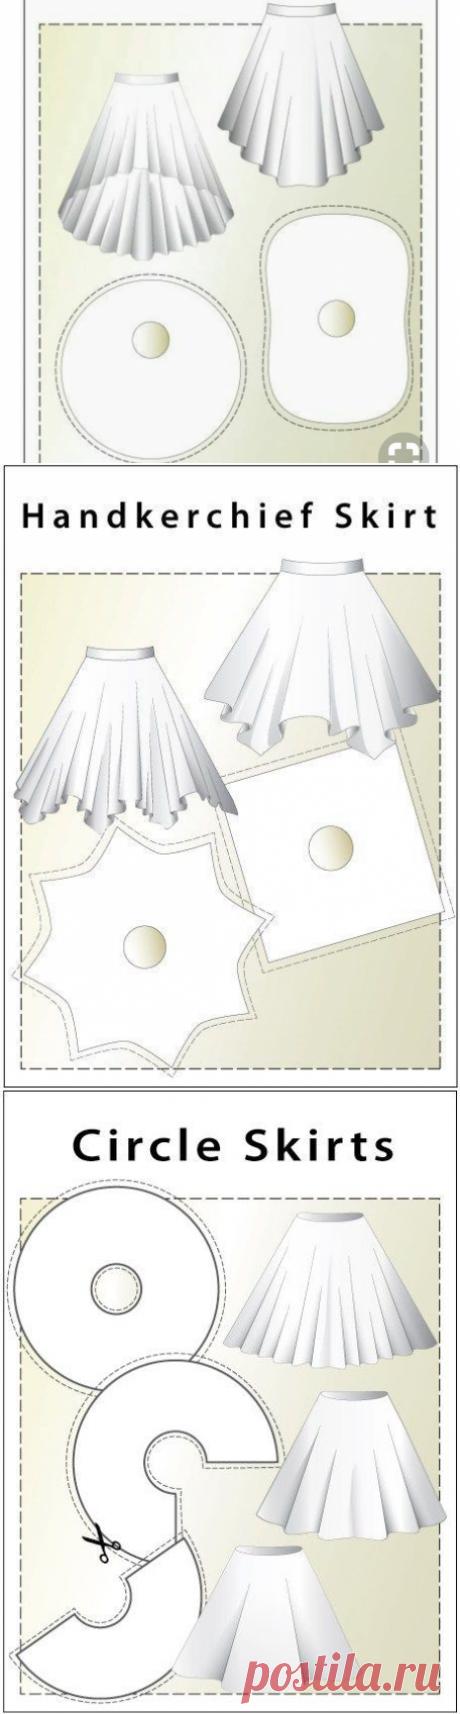 Моделирование оригинальных юбок на основе юбки-солнце — Сделай сам, идеи для творчества - DIY Ideas